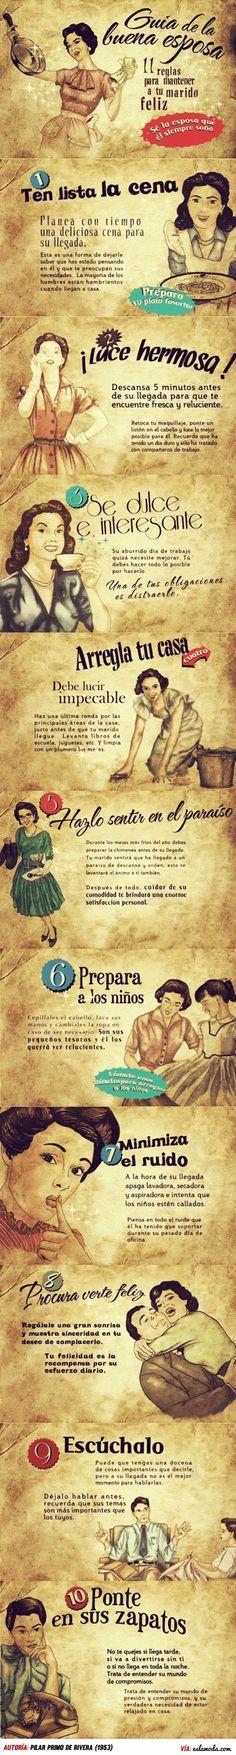 La Guía de la Buena esposa es un manual verdadero que fue escrito en 1953 por Pilar Primo de Rivera (1907 – 1991), una mujer proveniente de una acaudalada familia Española. Este manual se le entregaba a mujeres que hacían servicio social durante la dictadura Franquista. ¿Qué opinas?